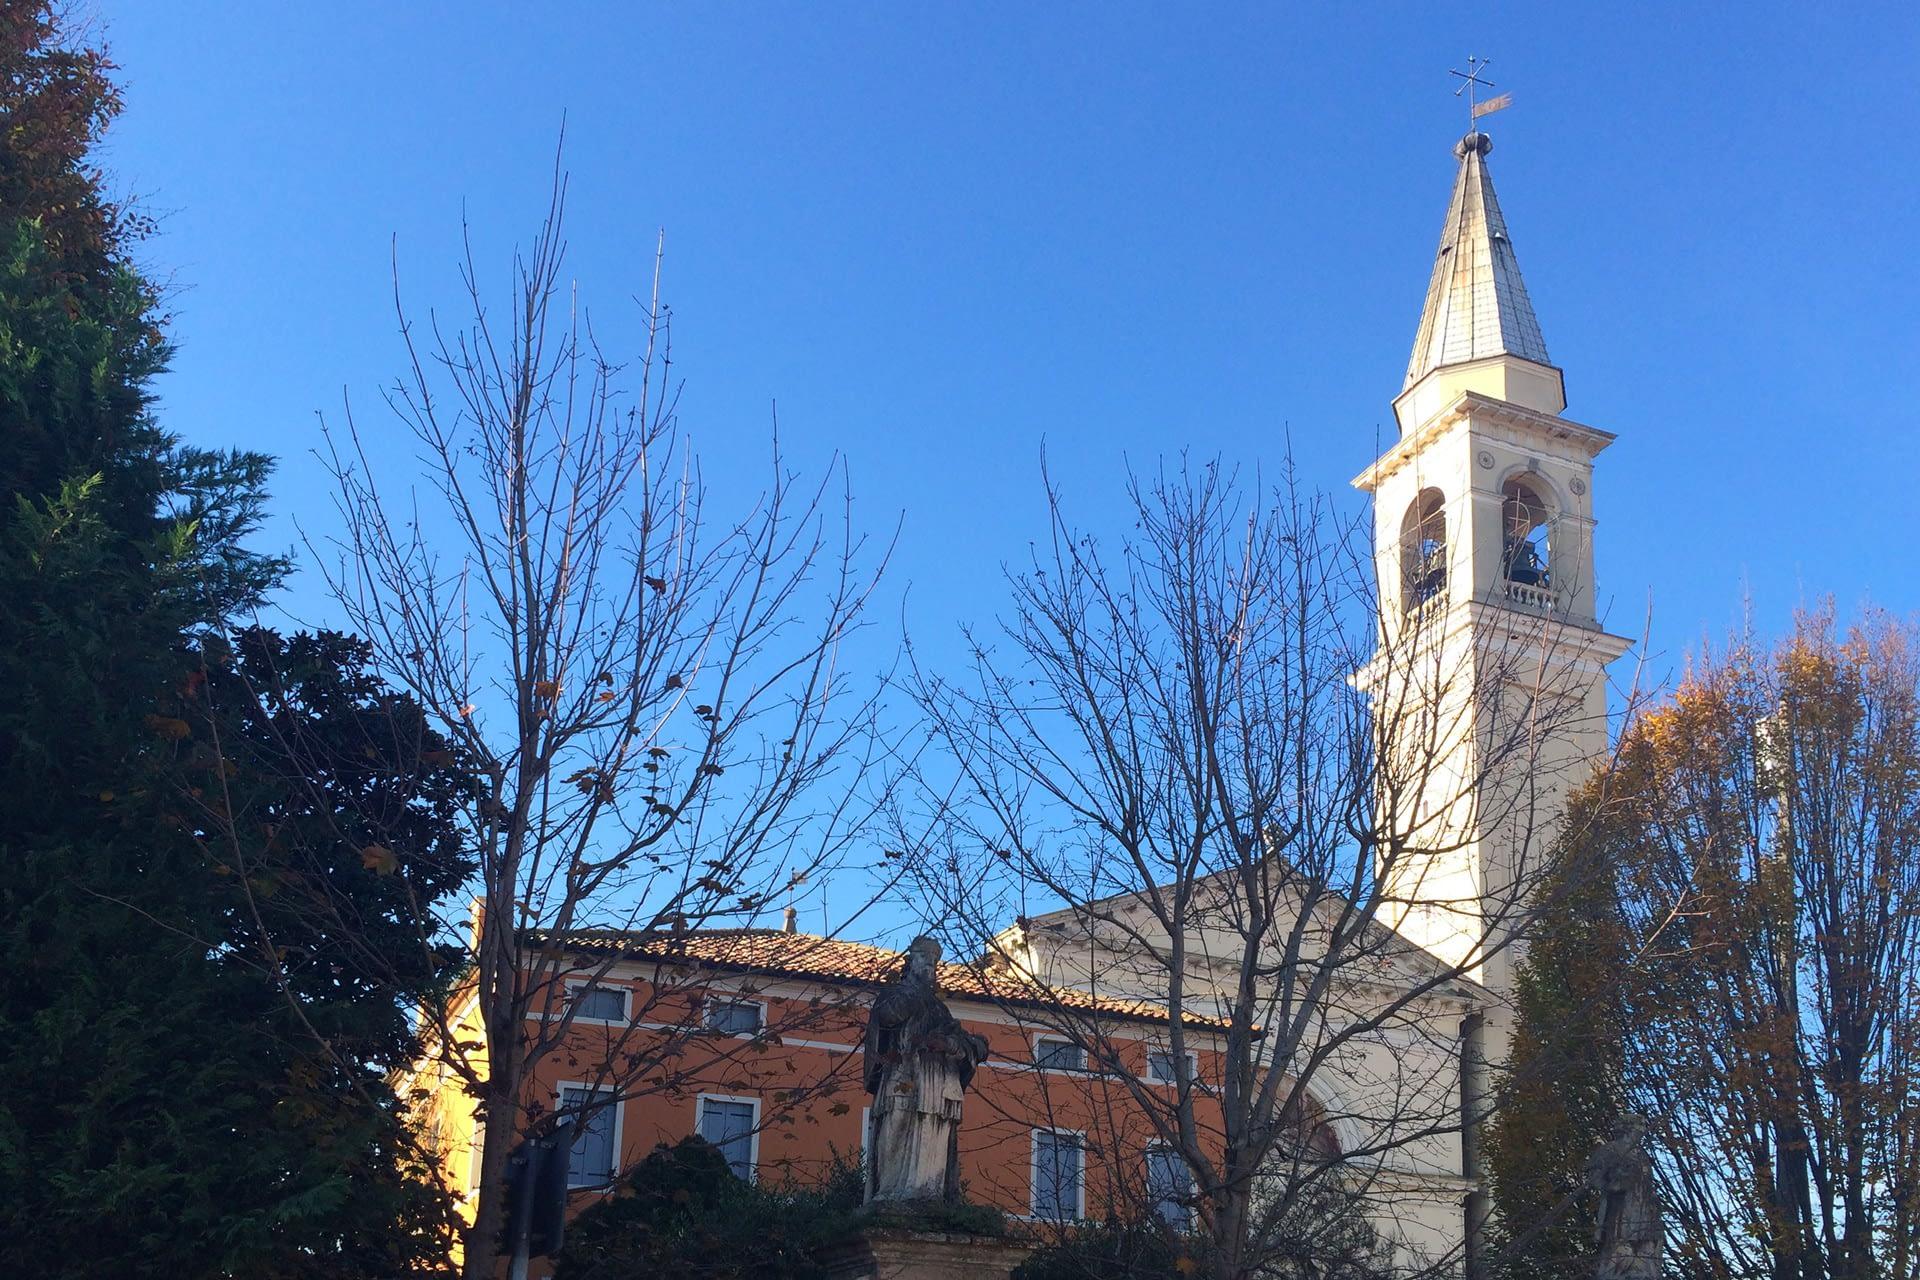 Pernumia_Vista della Chiesa di Santa Giustina